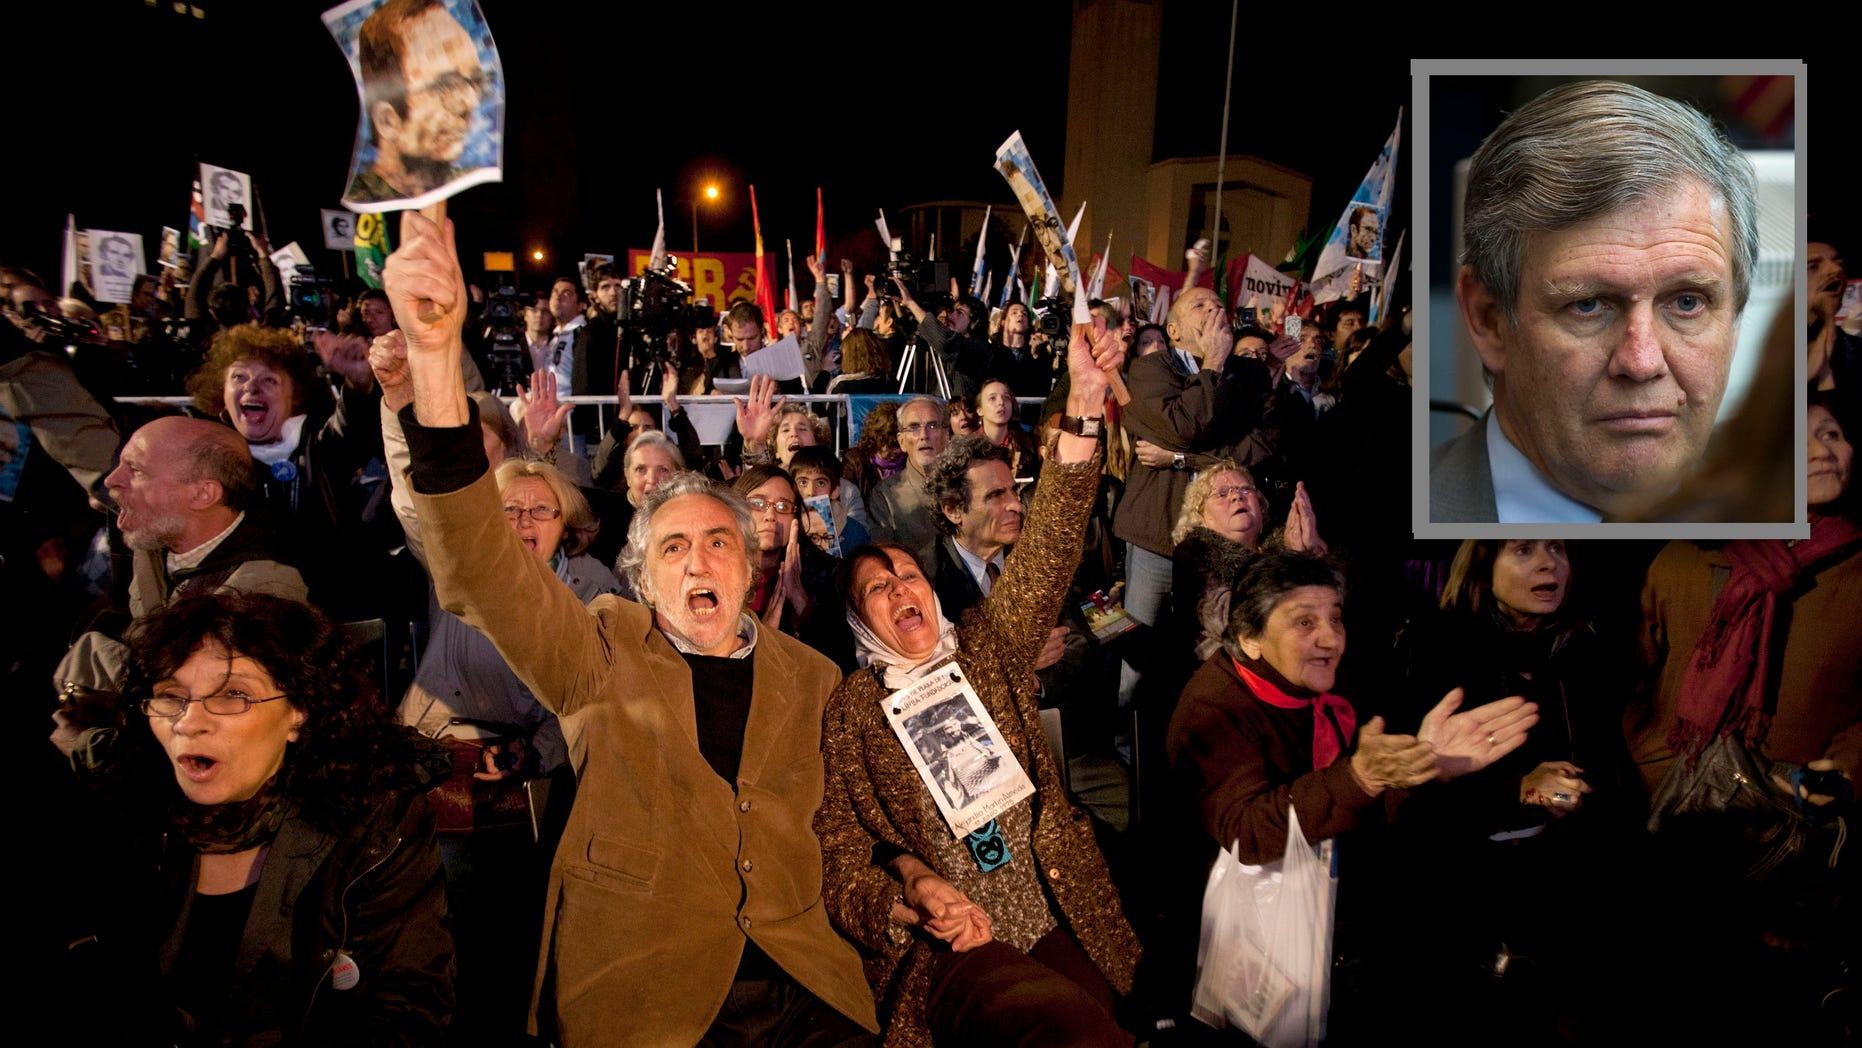 Activistas de derechos humanos, entre ellos la miembro de las Madres de Plaza de Mayo Tati Almeida, tercera desde la izquierda, celebran tras un juicio contra ex militares y policías en Buenos Aires, Argentina, el miércoles 26 de octubre de 2011. Un tribunal condenó el miércoles a cadena perpetua a 12 ex militares y policías por crímenes de lesa humanidad cometidos en la Escuela de Mecánica de la Armada (ESMA), uno de los principales y más cruentos centros de detención que funcionó durante la última dictadura militar argentina (1976-1983). (AP foto/Victor R. Caivano)